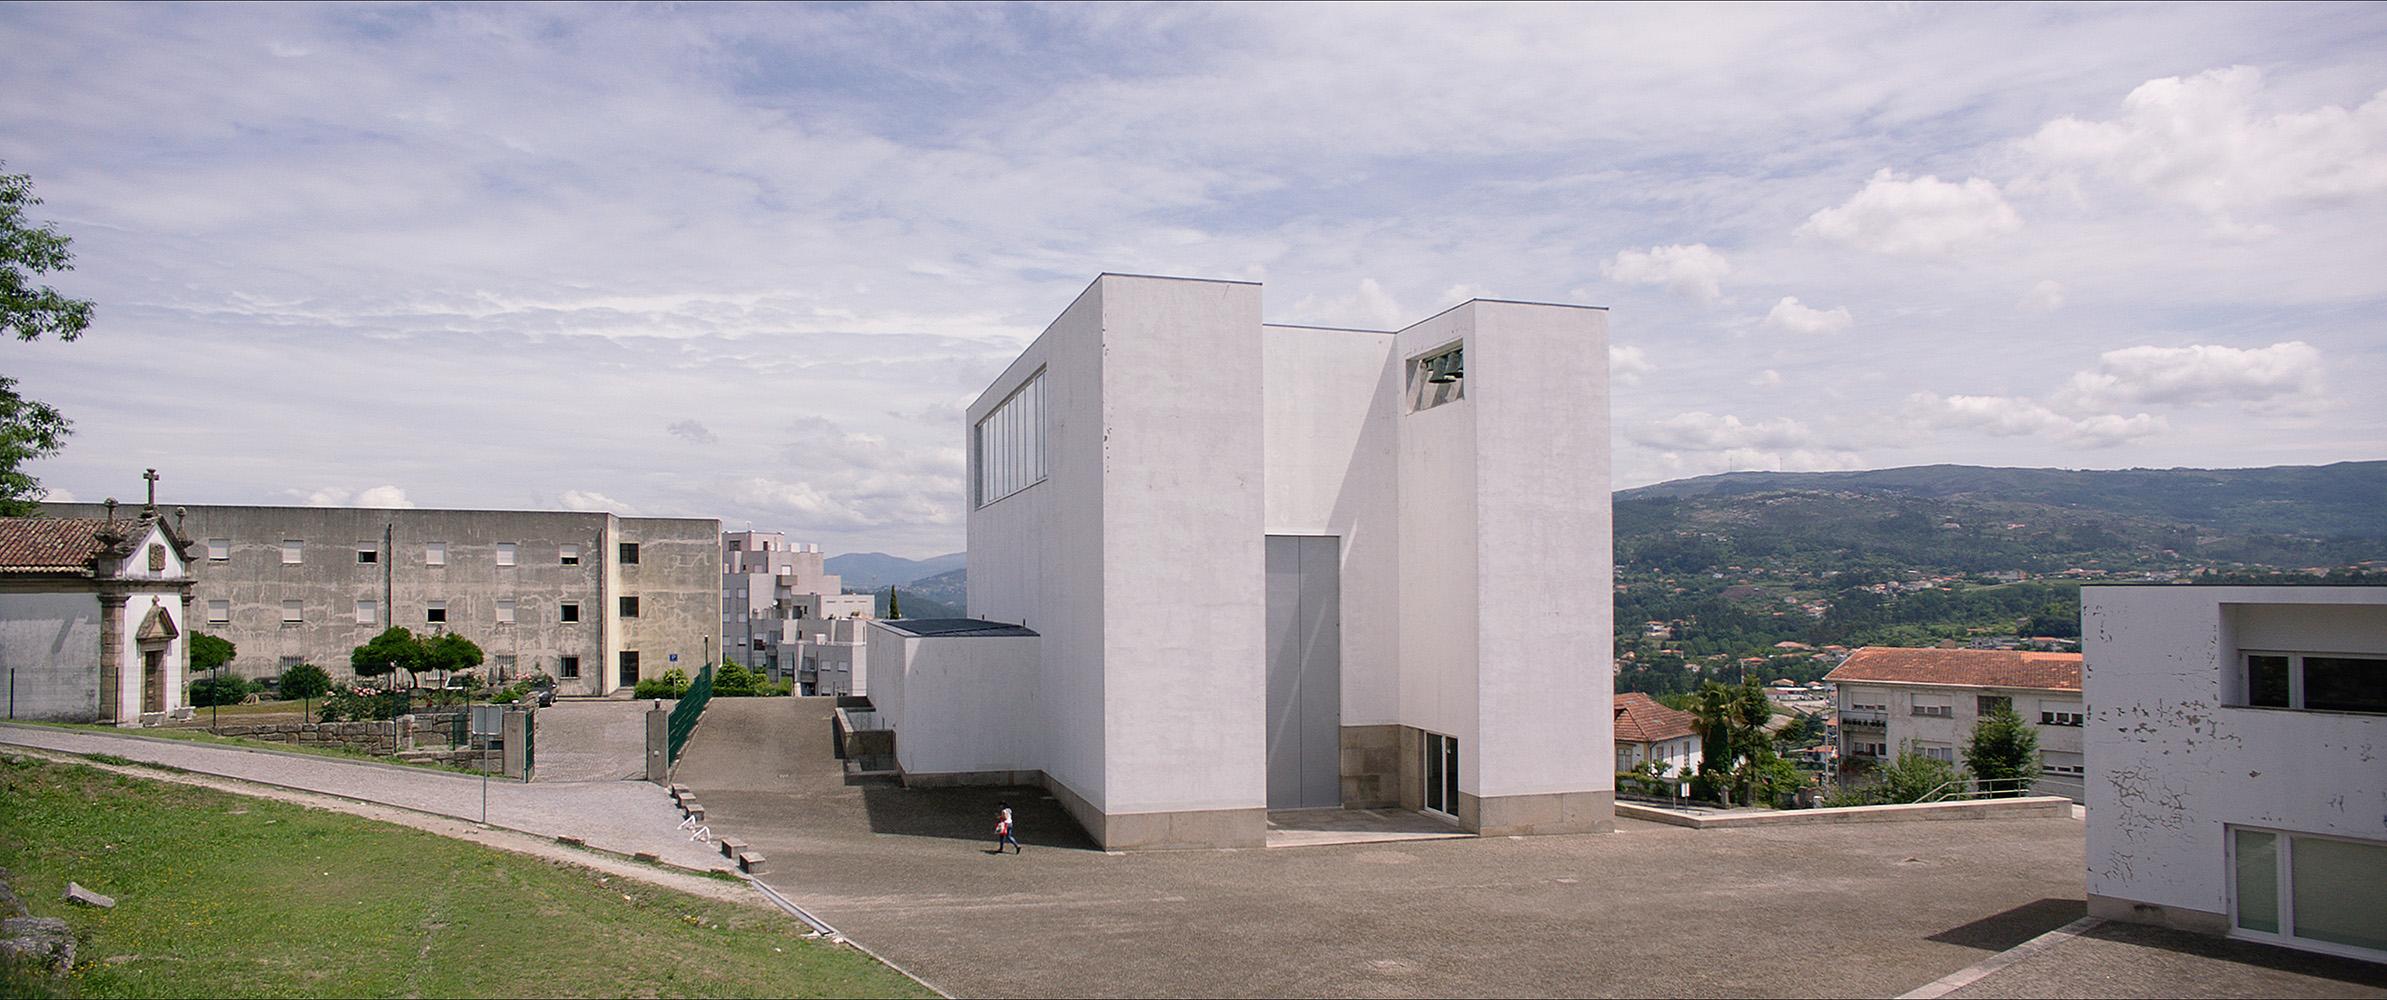 Architektur Der Unendlichkeit 03